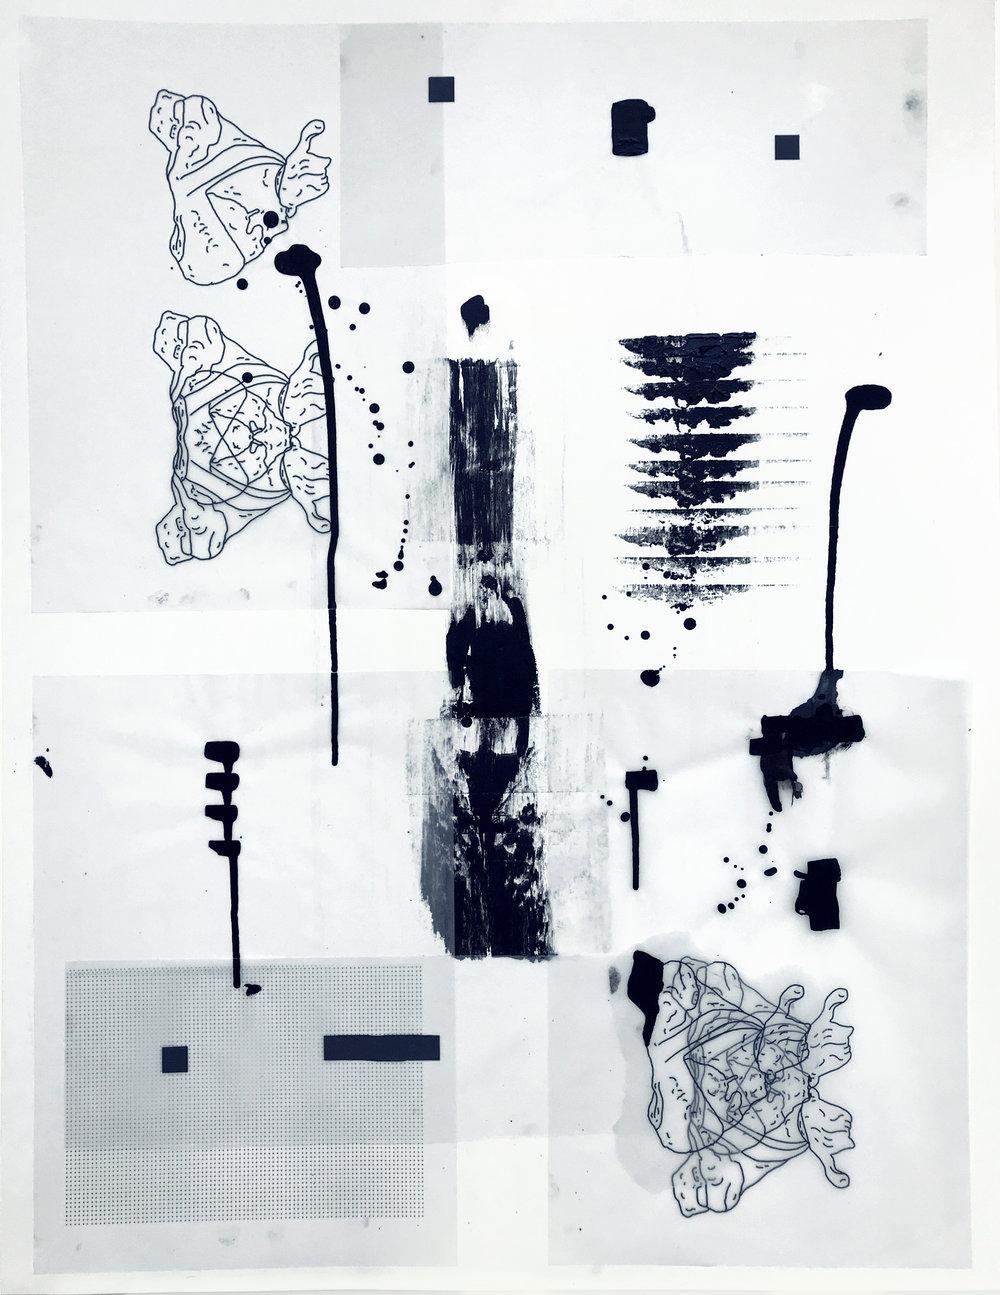 %22Detrás del espejo _ 22%22 - Técnica mixta sobre papel - 65 x 50 cm - Julián Brangold - 2018.jpg